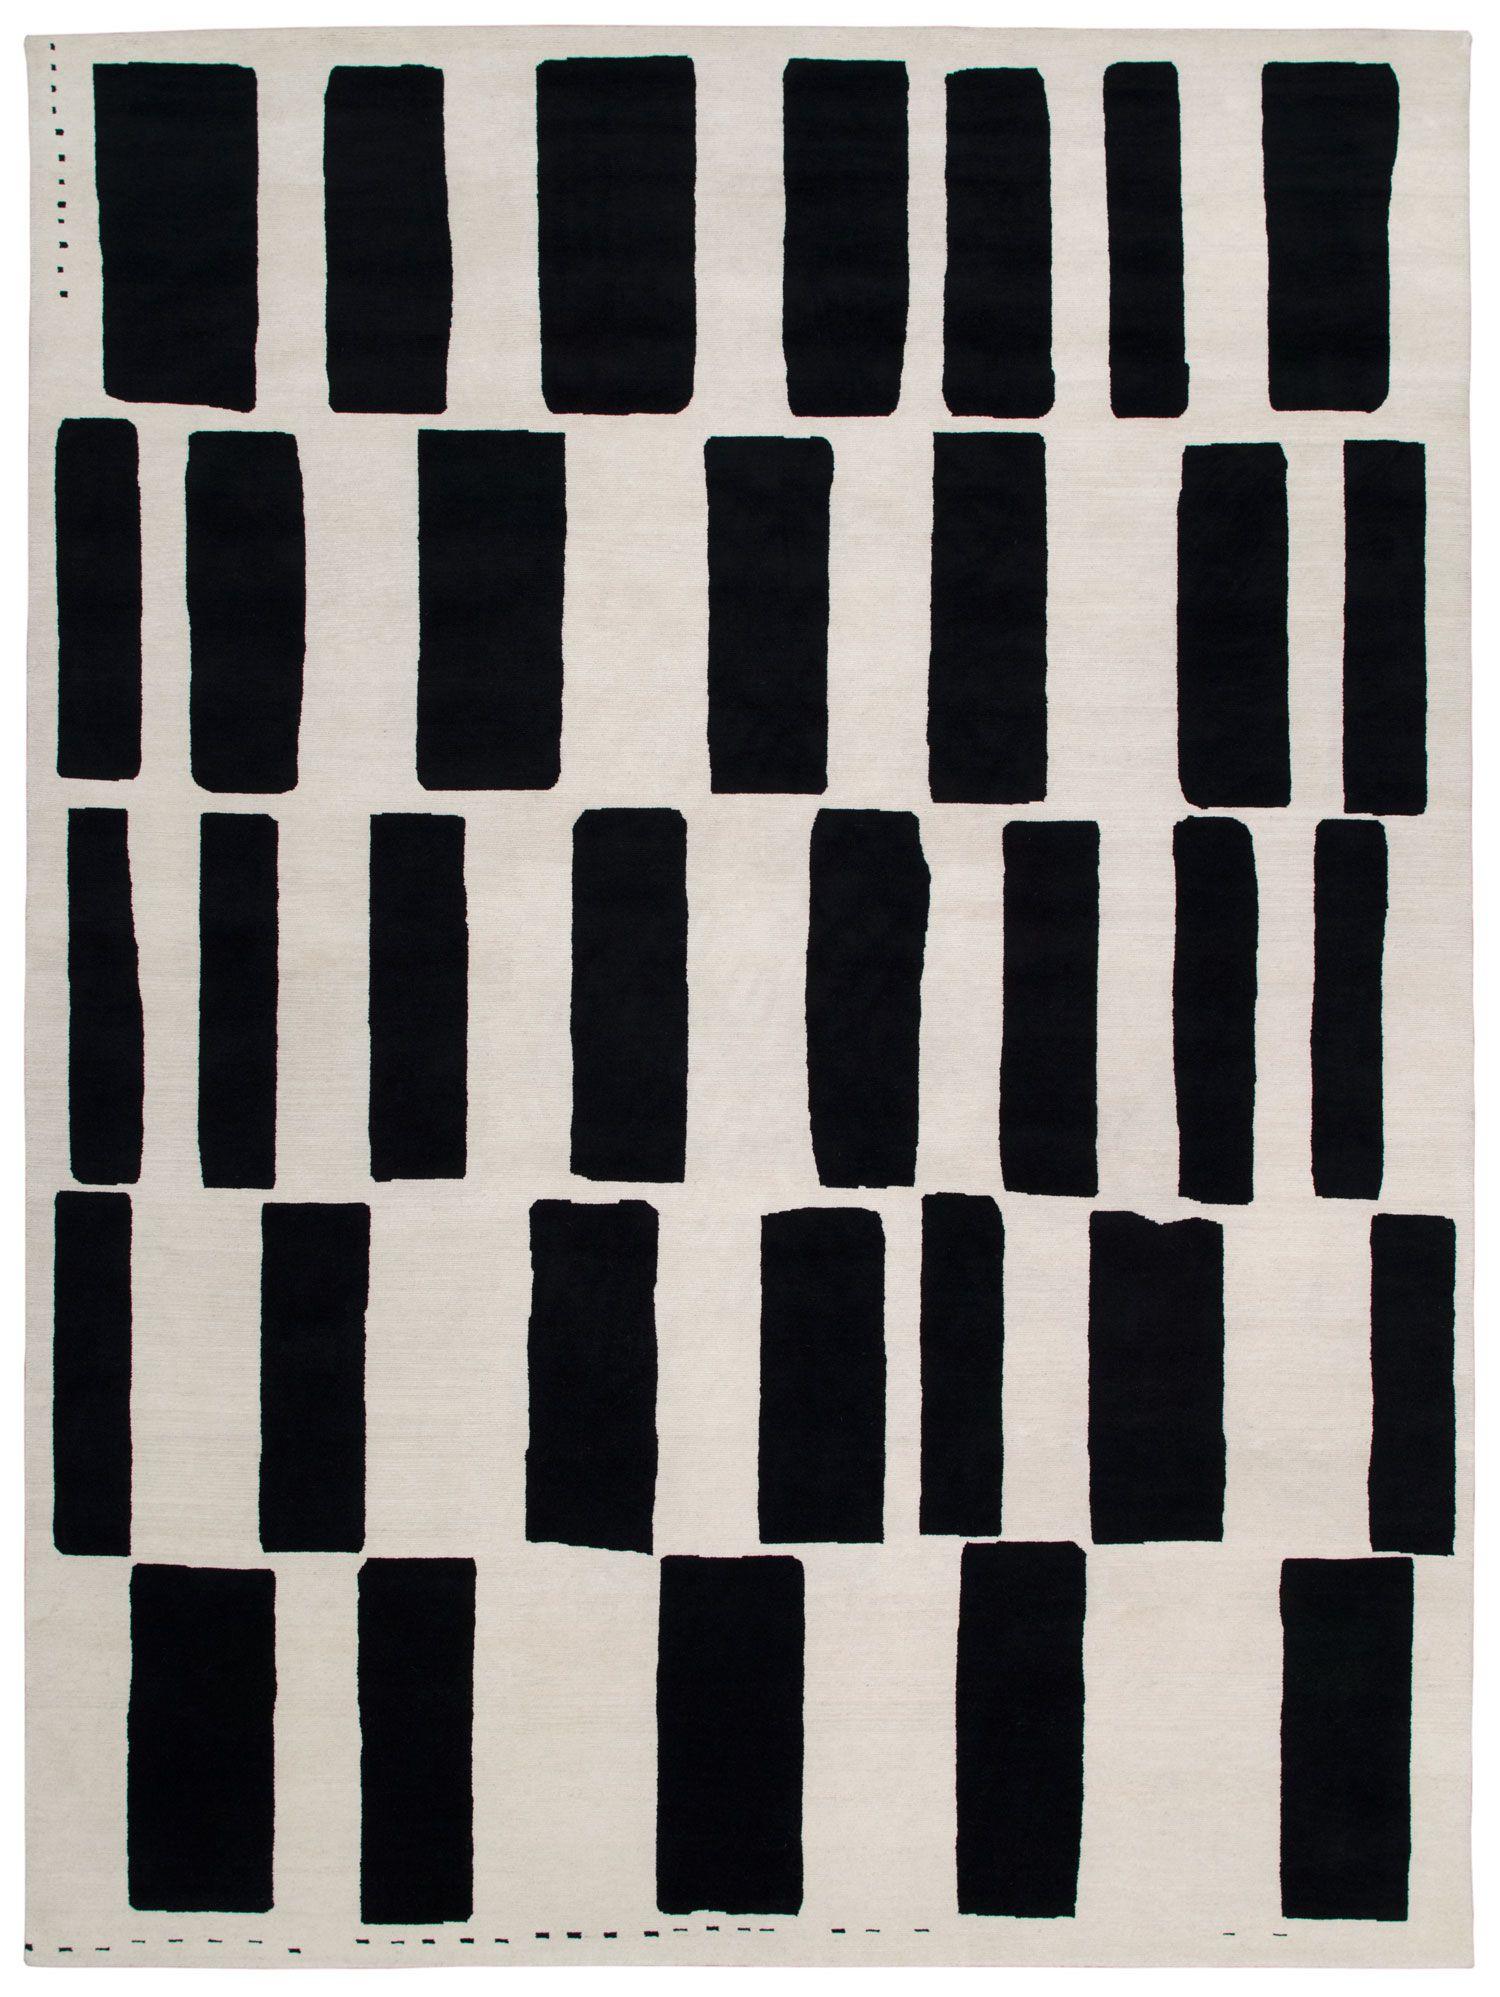 Checkered Flag Carpet Black And White Carpet Tiles Black And White Carpet Carpet Tiles Interior Design